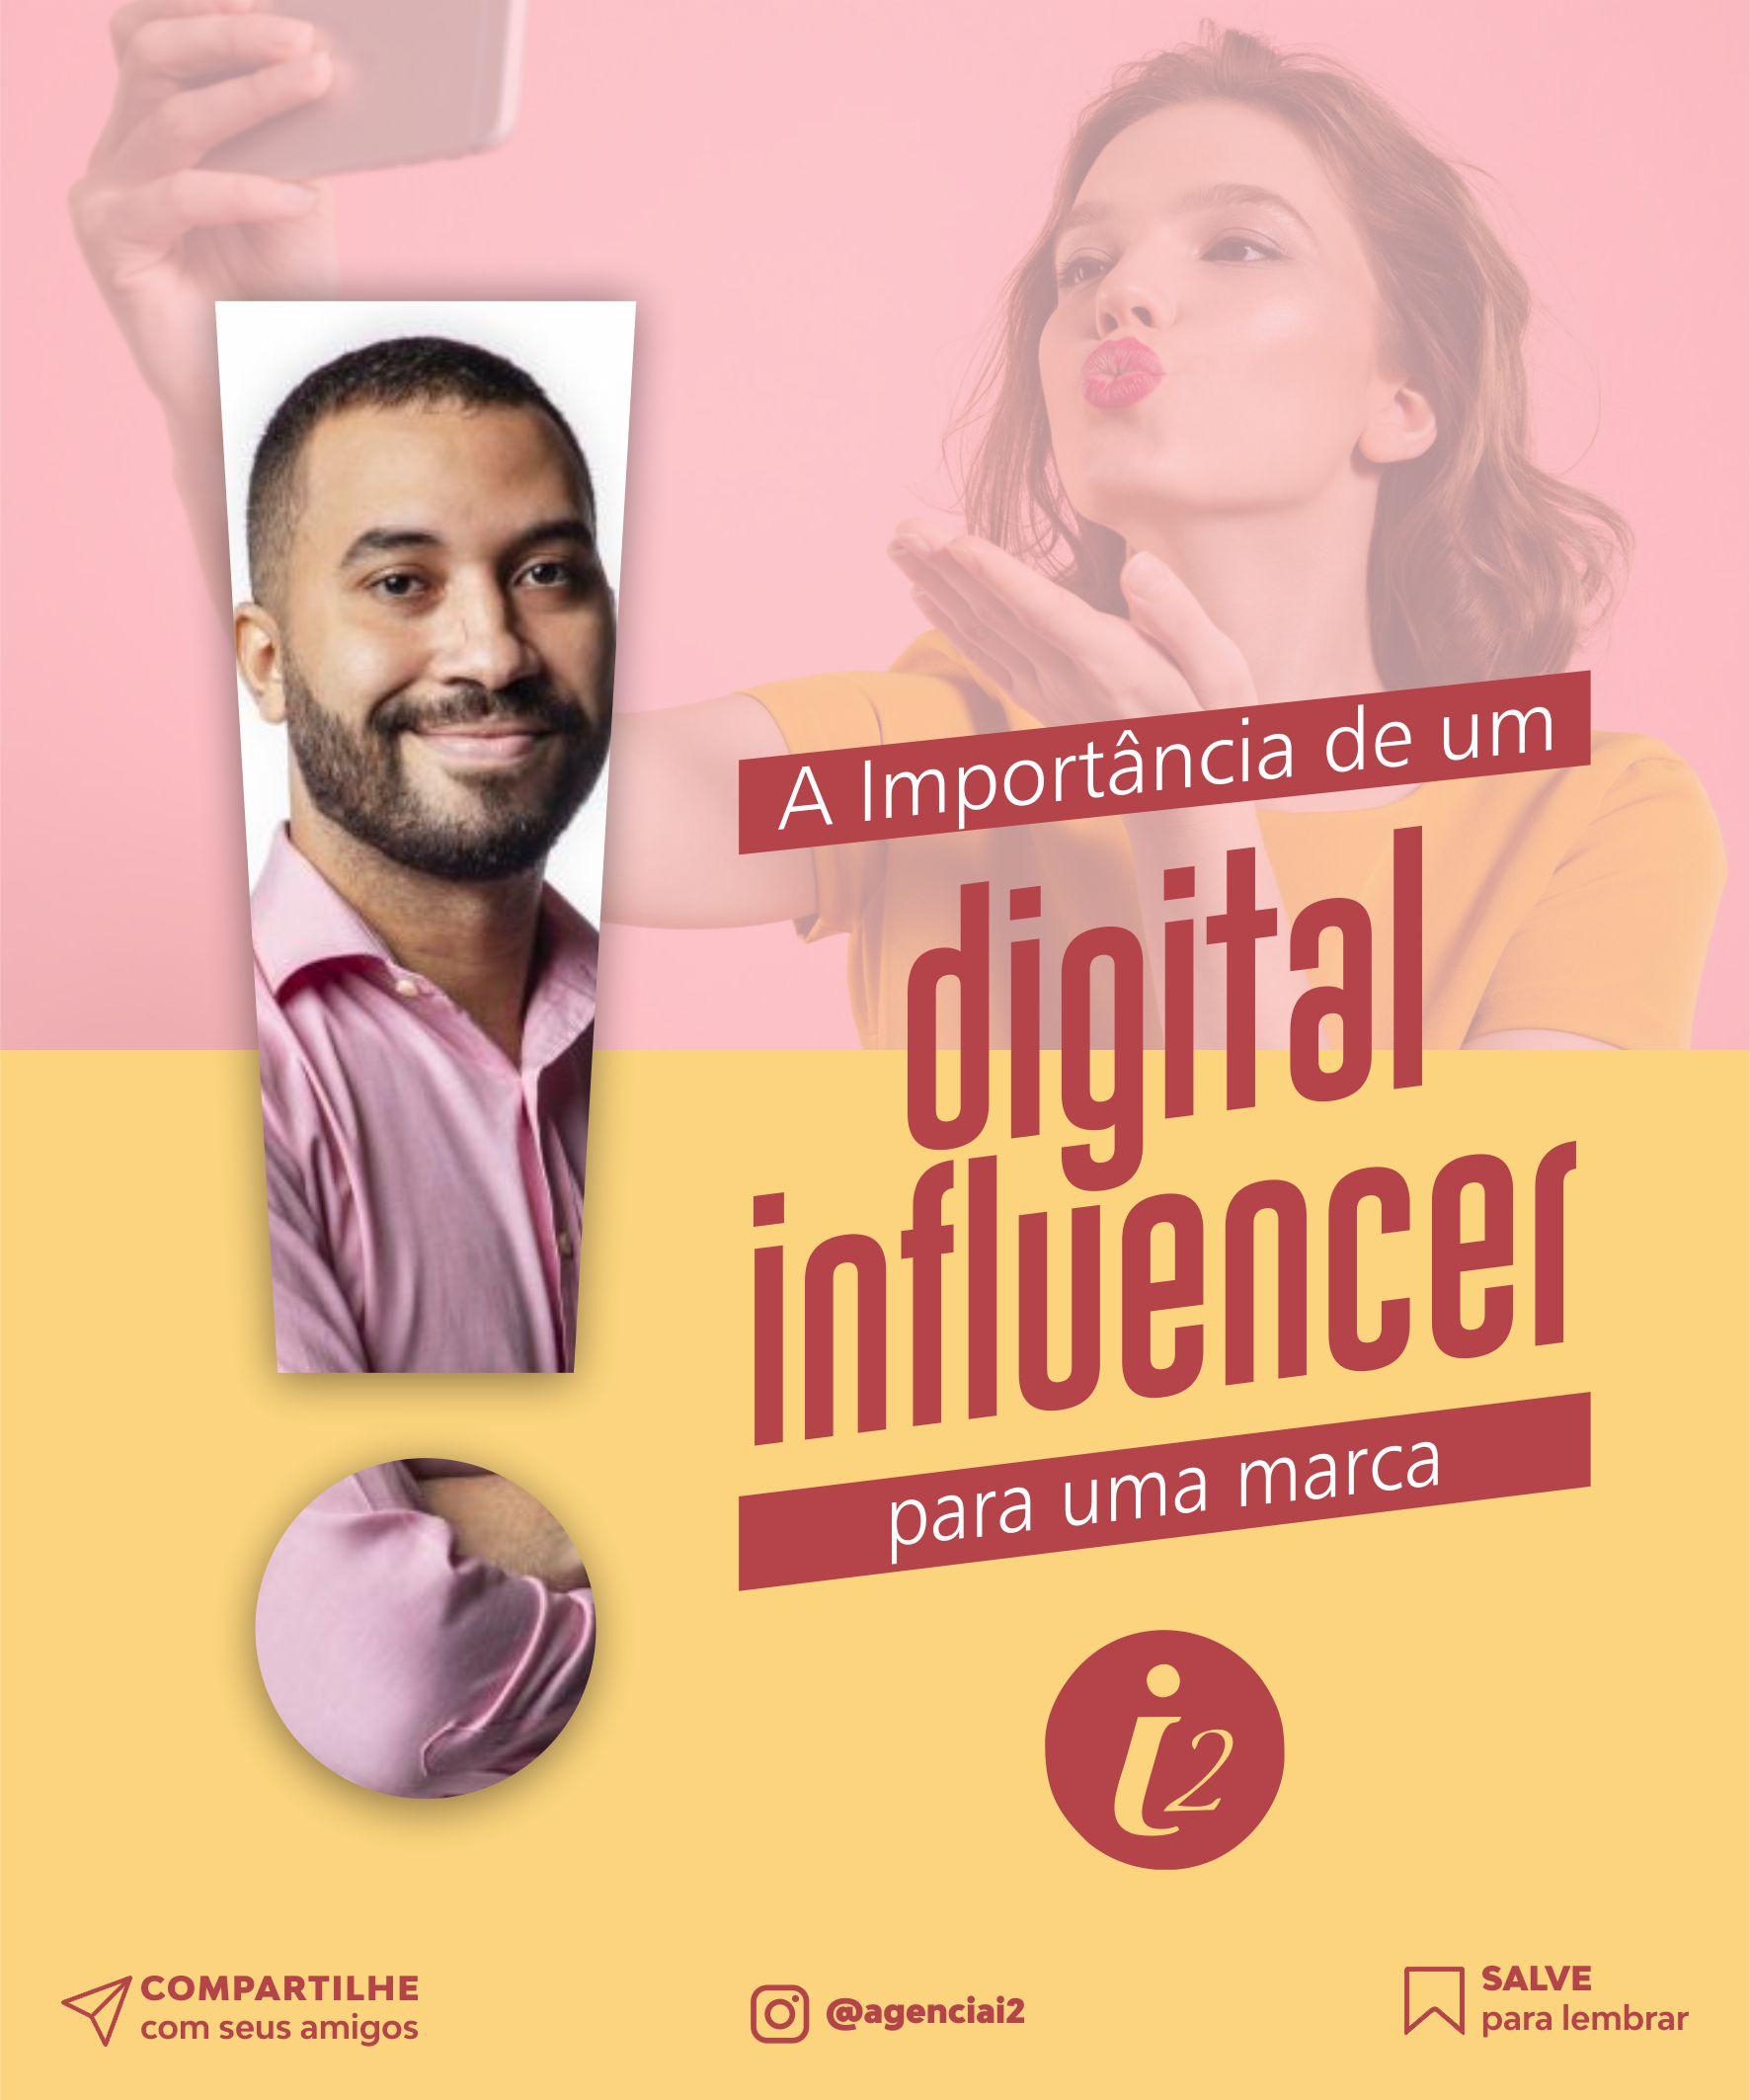 A Importância de um digital influencer para uma marca